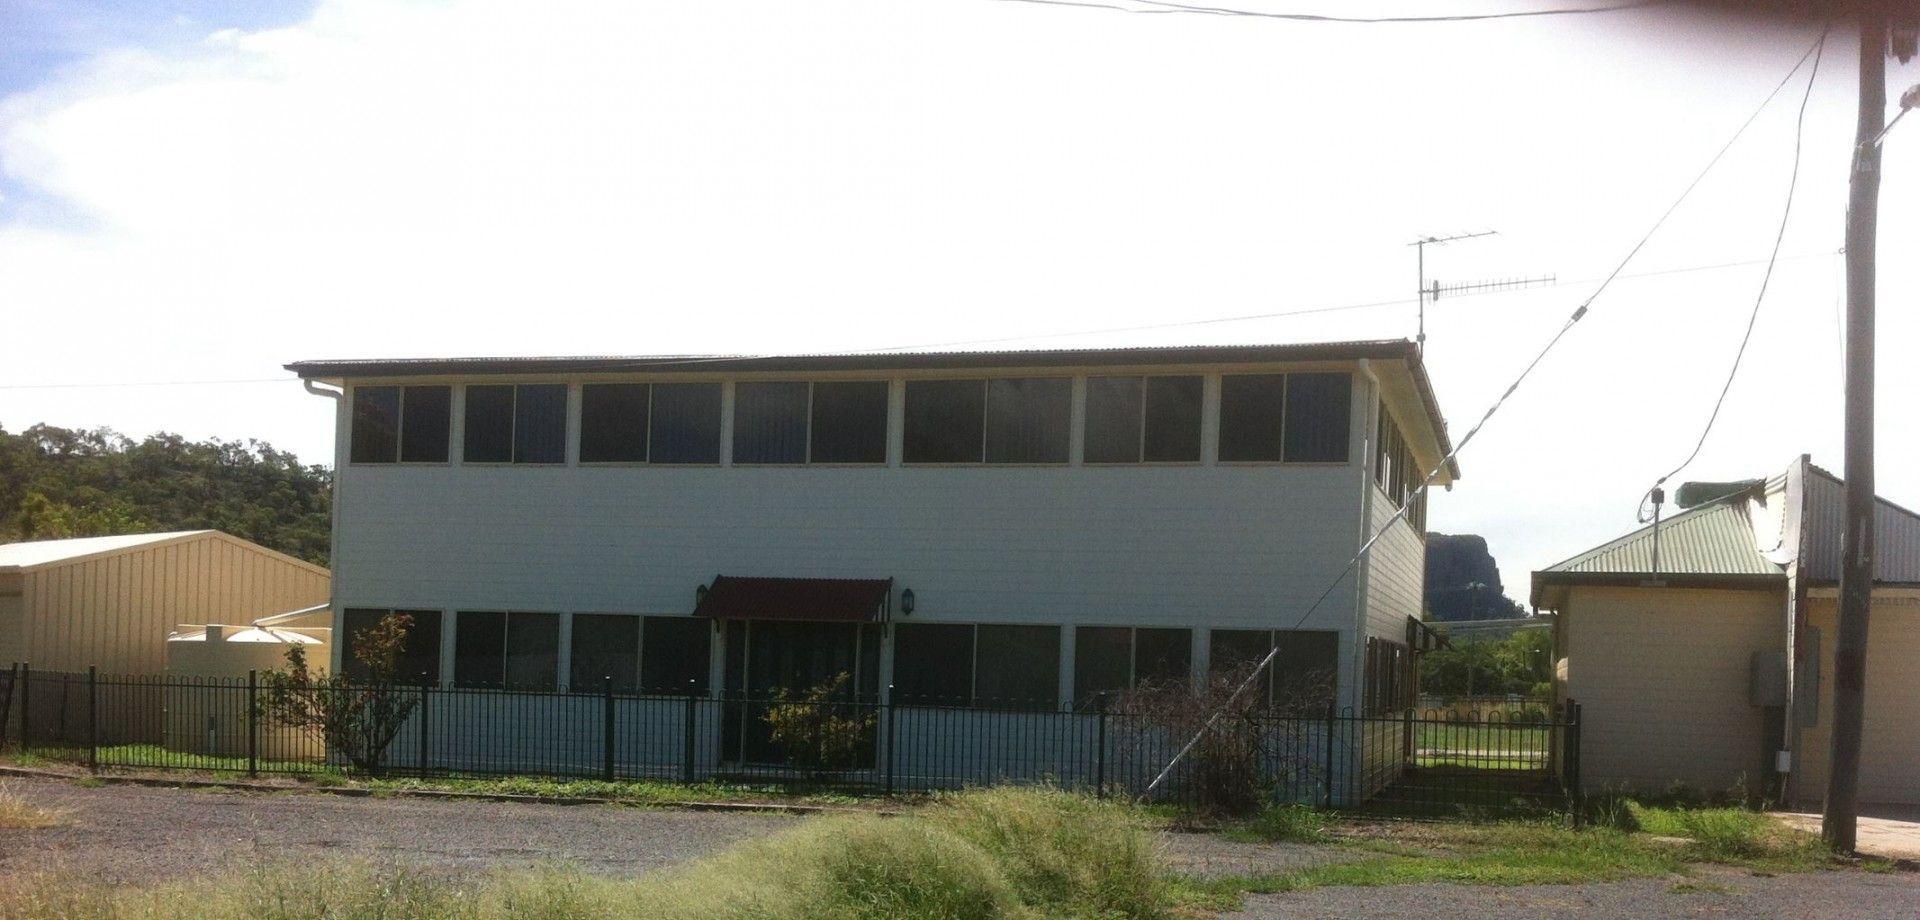 14 Charles Street, Springsure QLD 4722, Image 0